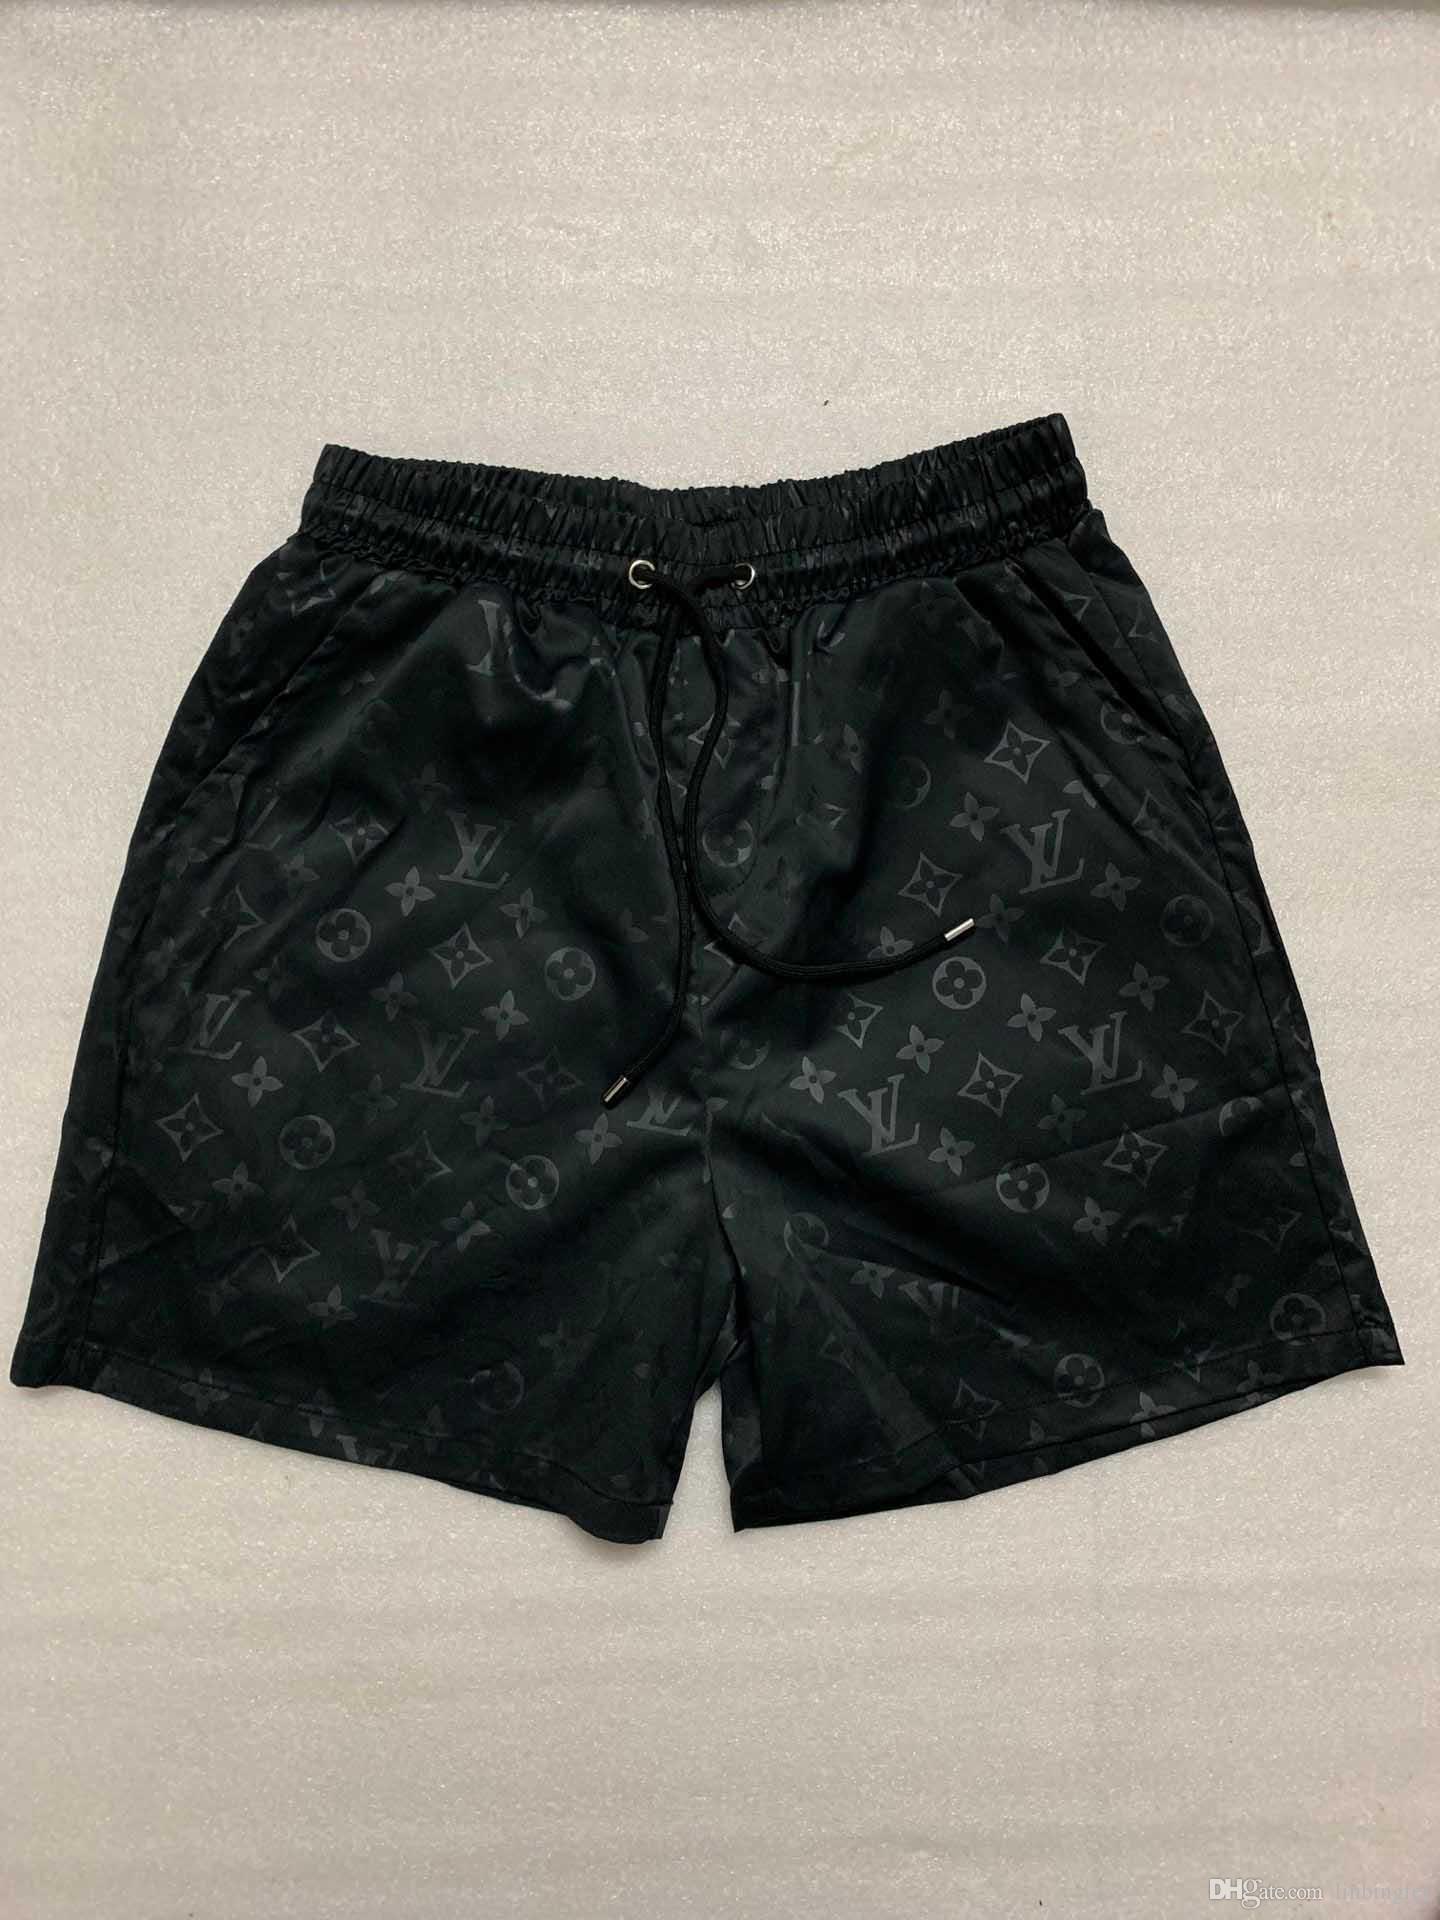 Estate Sweatpants Uomini Shorts Pantalone Moda Pantaloni Sport Surf Beach Swim con la lettera di stampa Designer coulisse Shorts